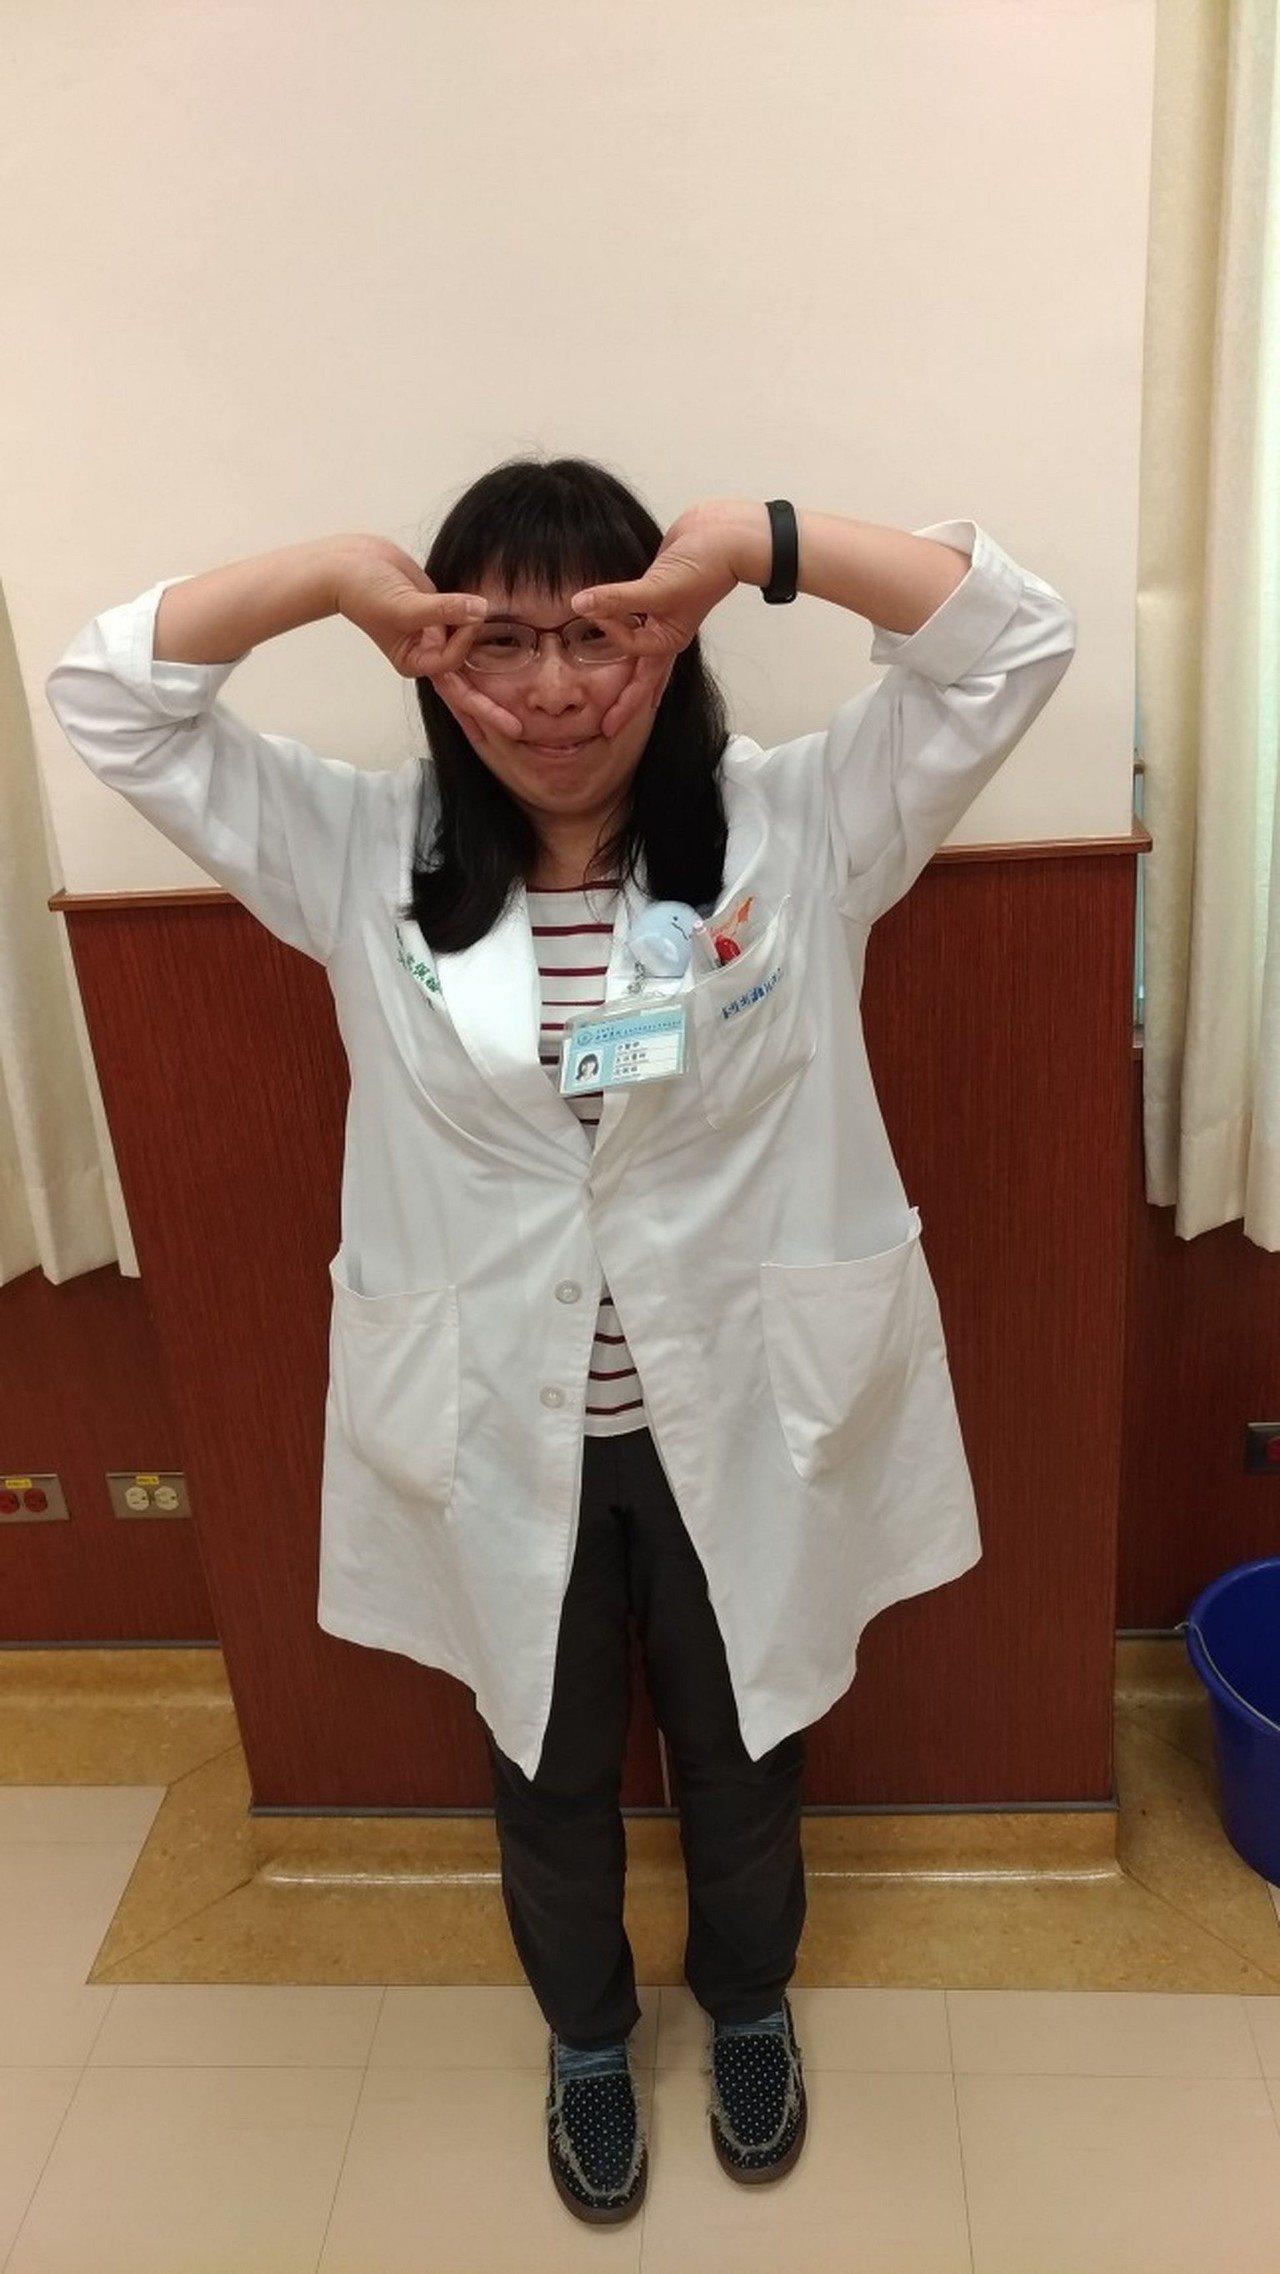 沈佩諠中醫師示範手肘彎曲,手掌往後拉開(反手),做戴眼鏡狀。配合每人手部緊繃程度...